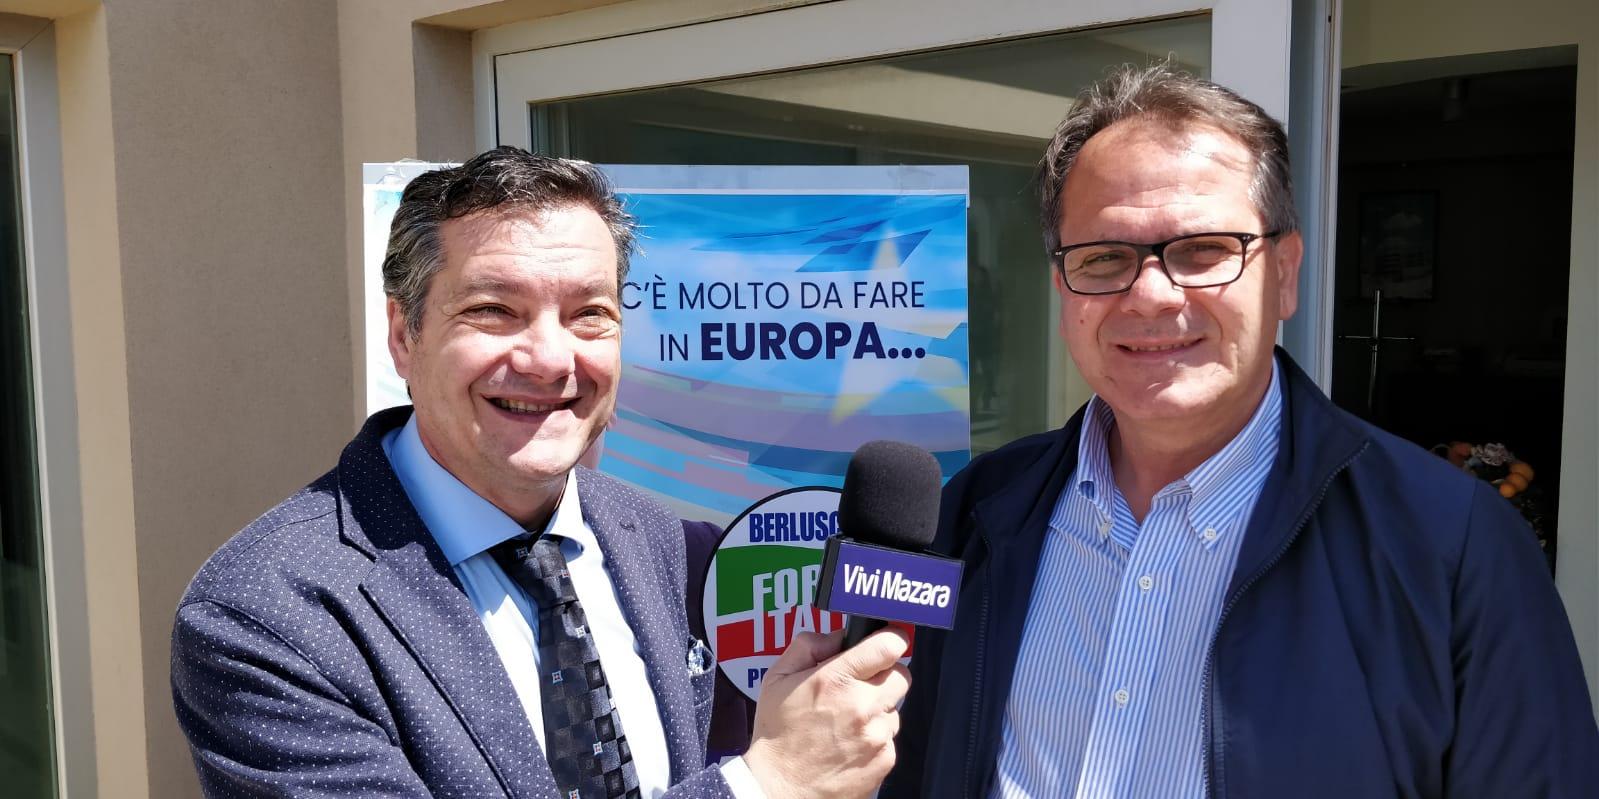 EUROPEE 2019: INTERVISTA CON IL CANDIDATO SAVERIO ROMANO